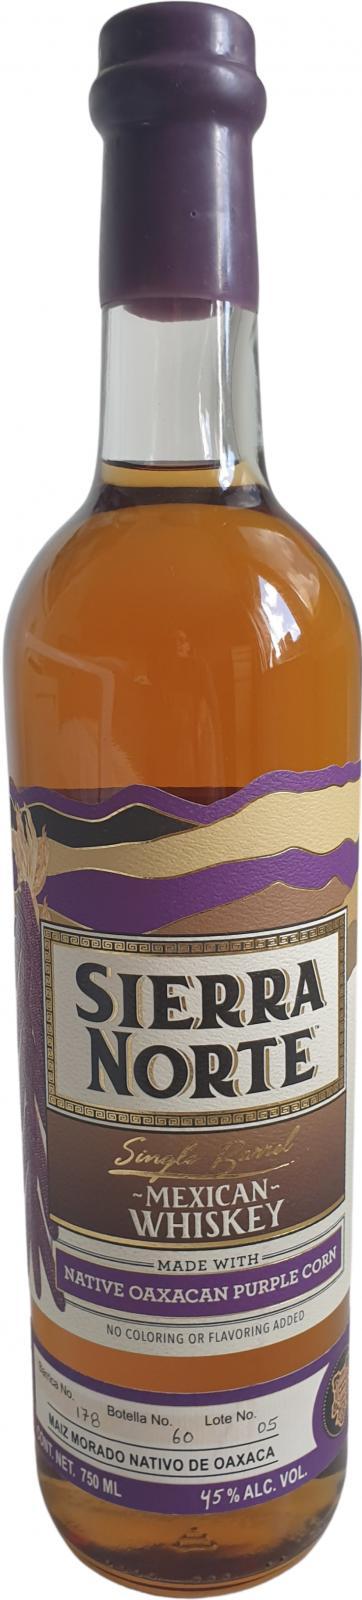 Sierra Norte Single Barrel Whiskey